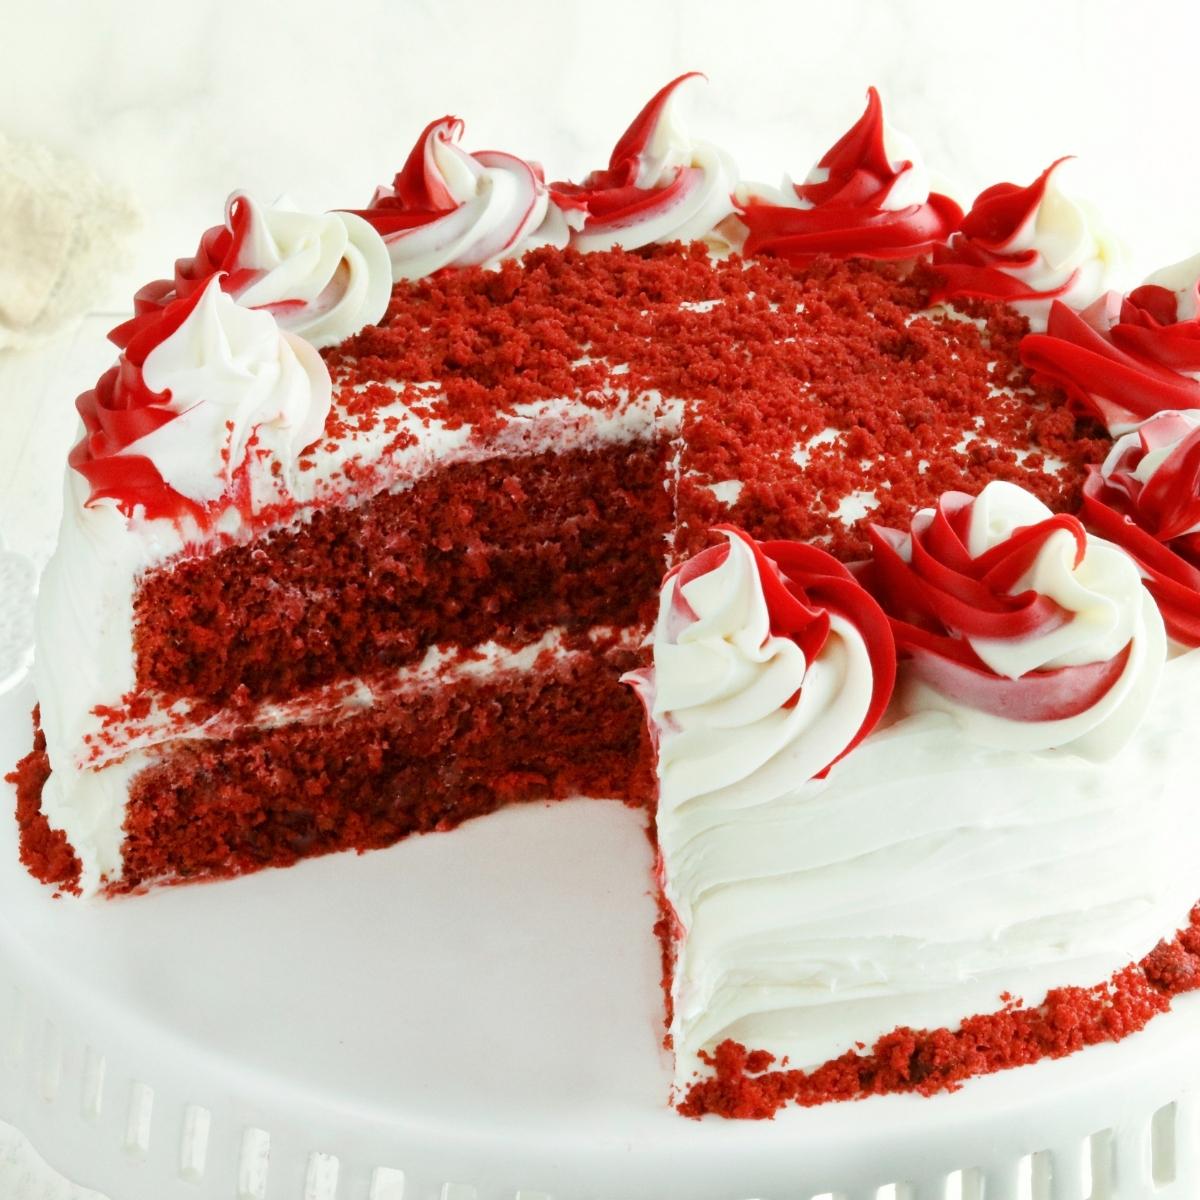 Gluten Free Red Velvet Cake Dairy Free Option Mama Knows Gluten Free